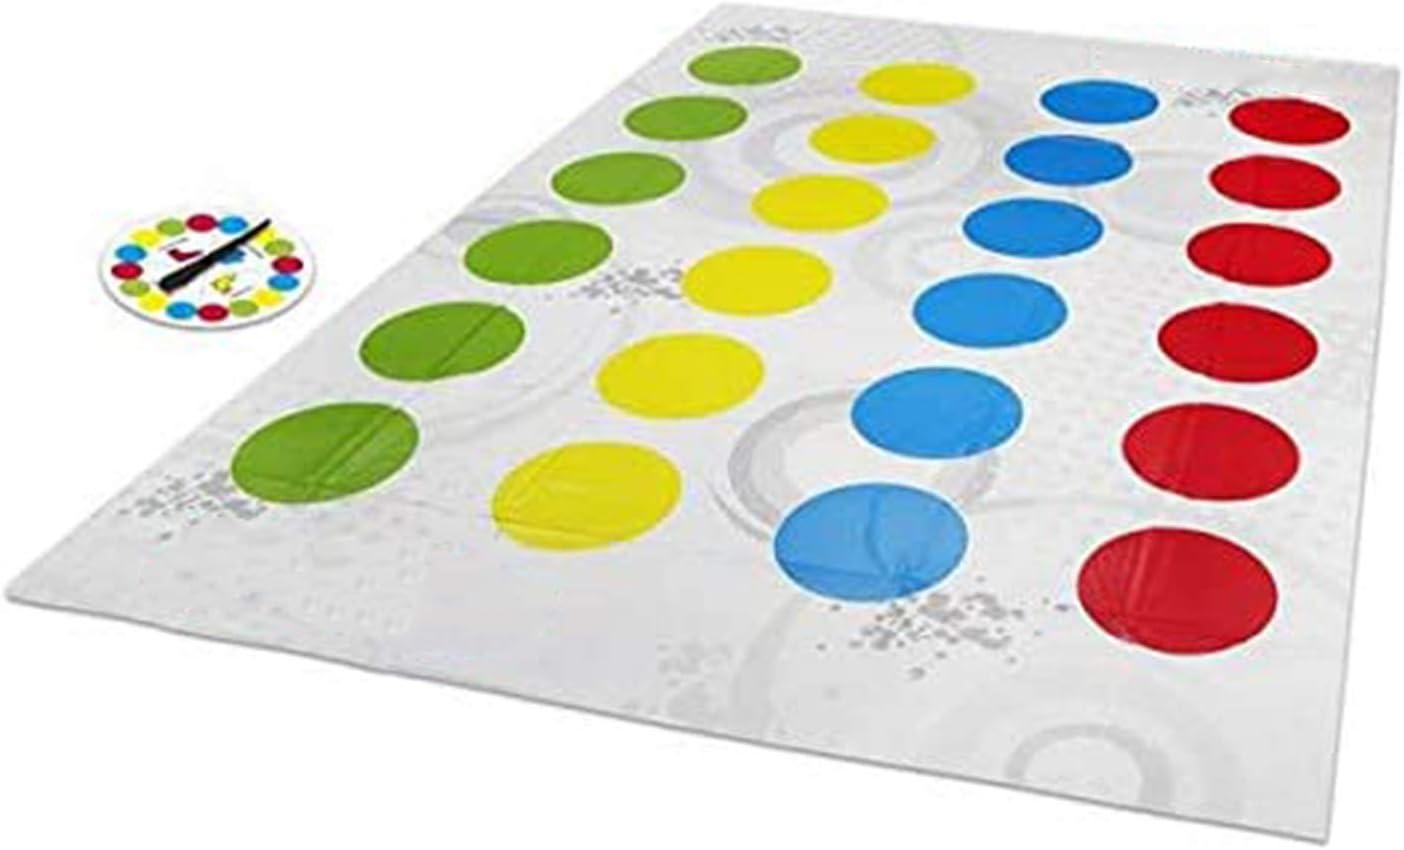 Twister Manta De Picnic, Twister Ultimate Mat Más Grande,Más Manchas De Colores,Juguetes De Aprendizaje Para Niños Juego De Fiesta Familiar Para Adultos Picnic Deporte Al Aire Libre Juguete De Regalo